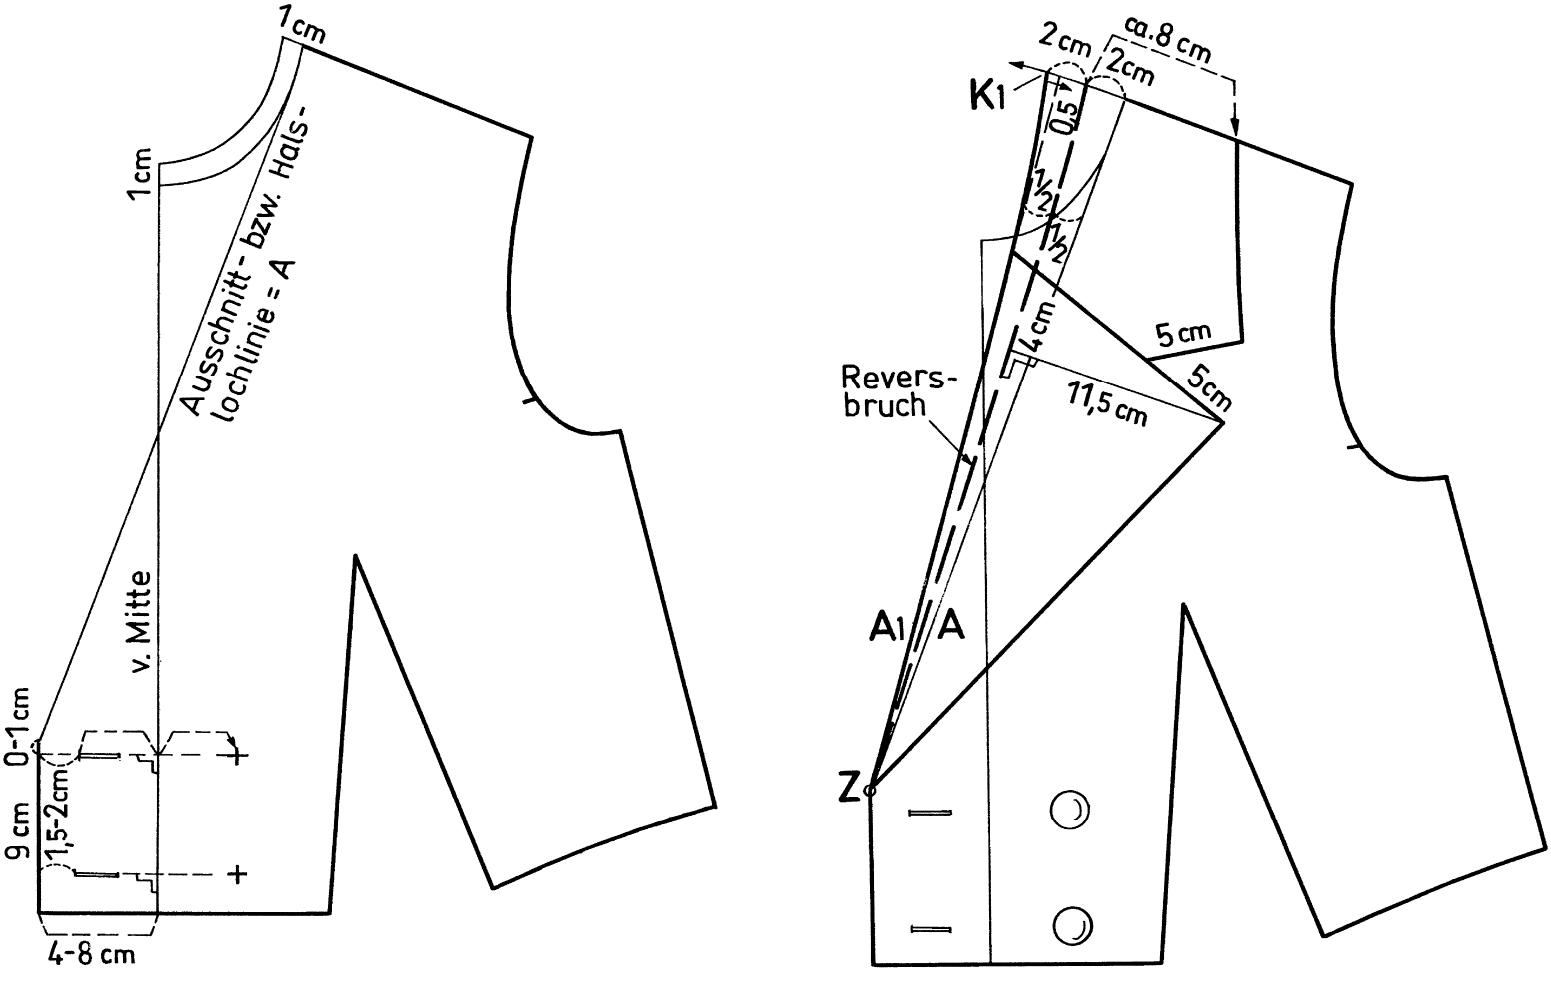 Zu sehen ist die Schnittkonstruktion eines Reverskragens in Form eines Doppelreihers.